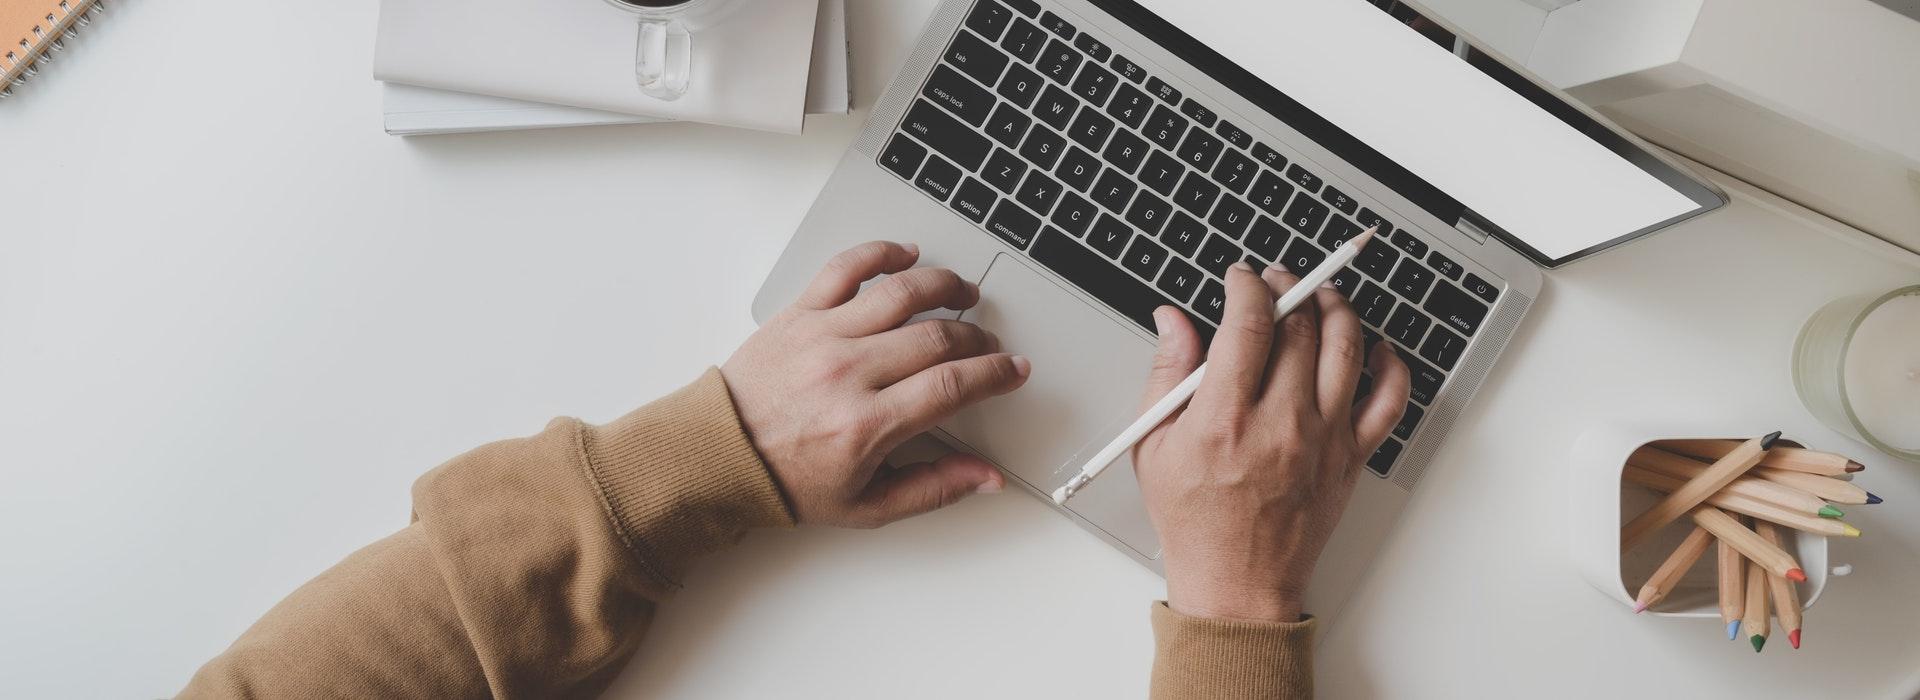 Deux mains sur un clavier à côté d'une tasse de café